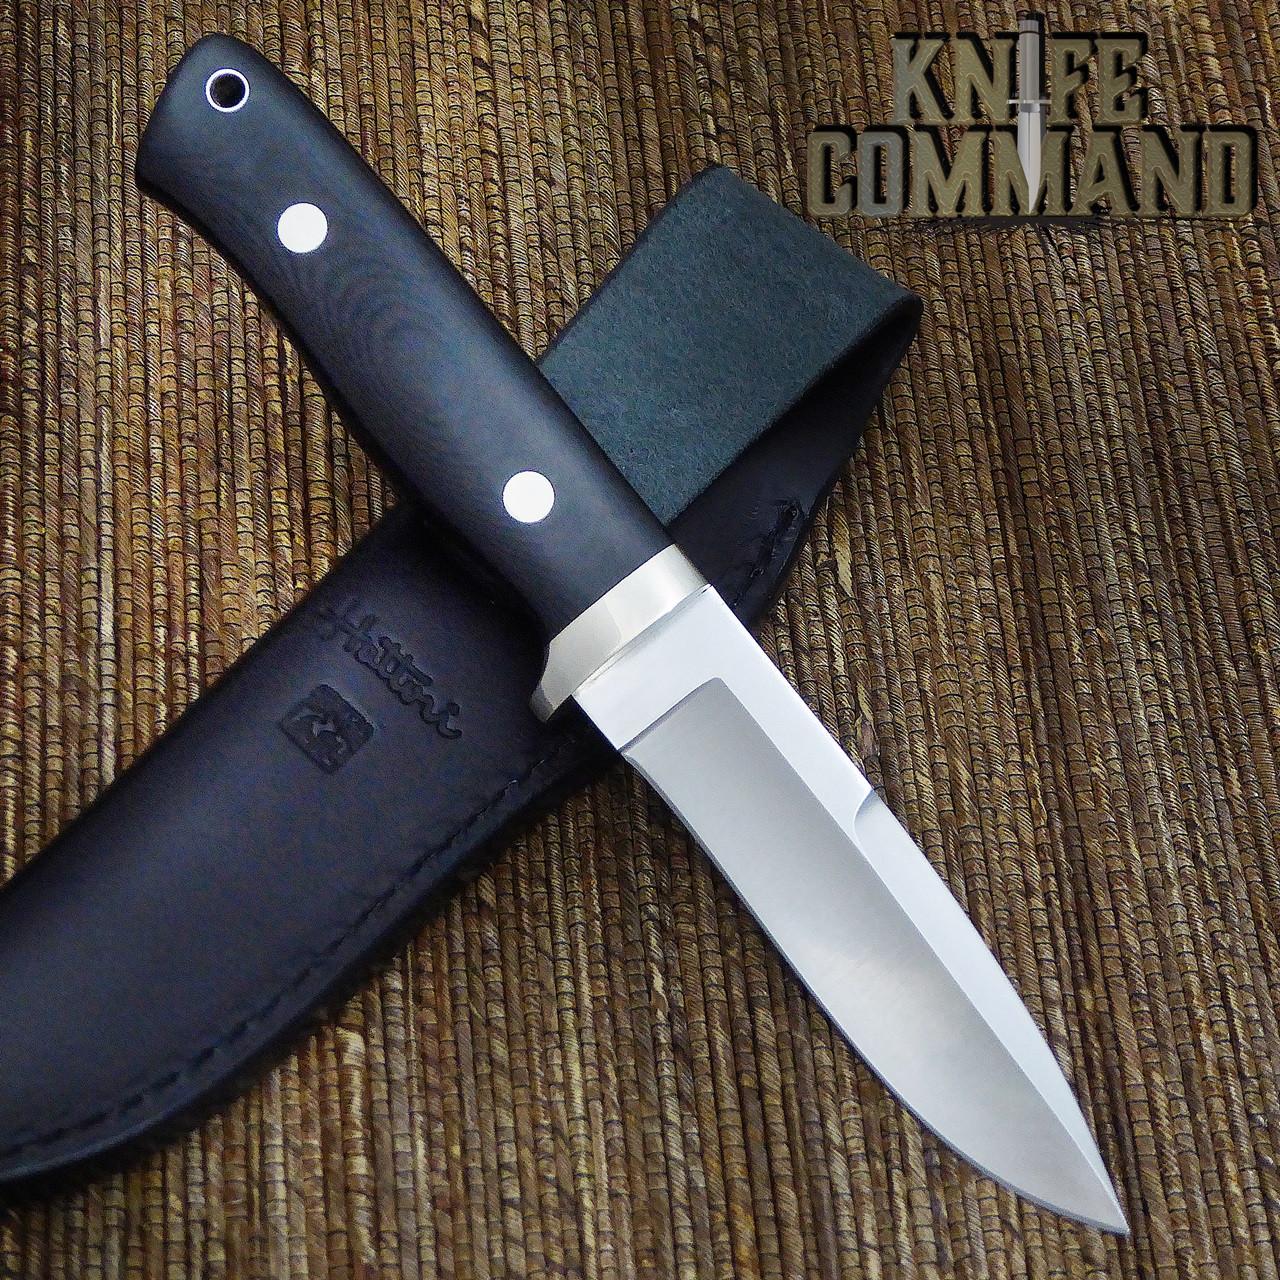 Hattori Knives Dream Hunter Ht-05 White Spacer Hunting Knife